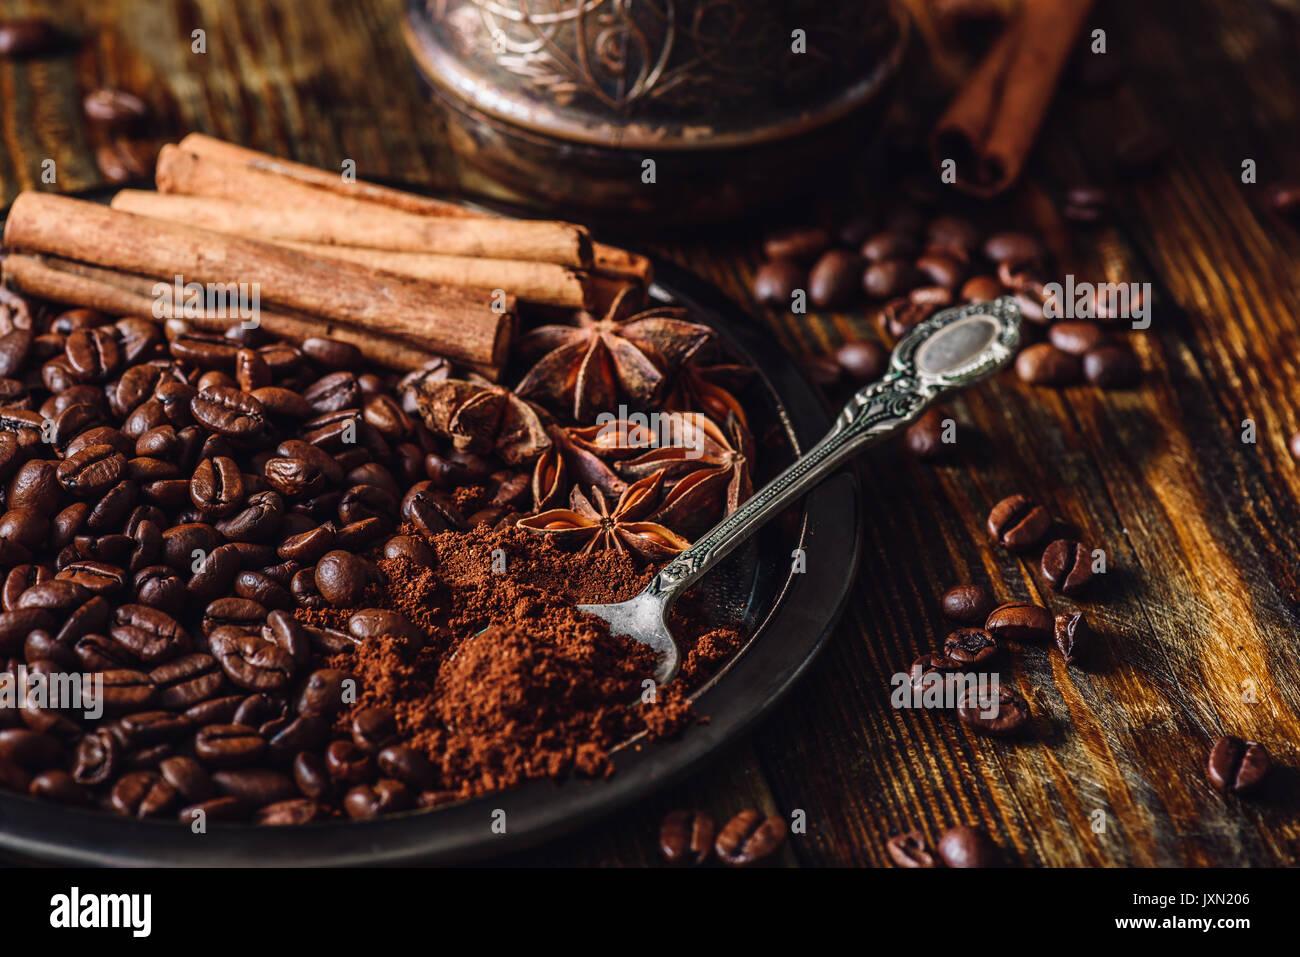 Los granos de café con Spooonful de café molido, canela y anís estrellado chino sobre la placa de metal. Algunos frijoles esparcidos sobre la mesa de madera y Cezve en Imagen De Stock